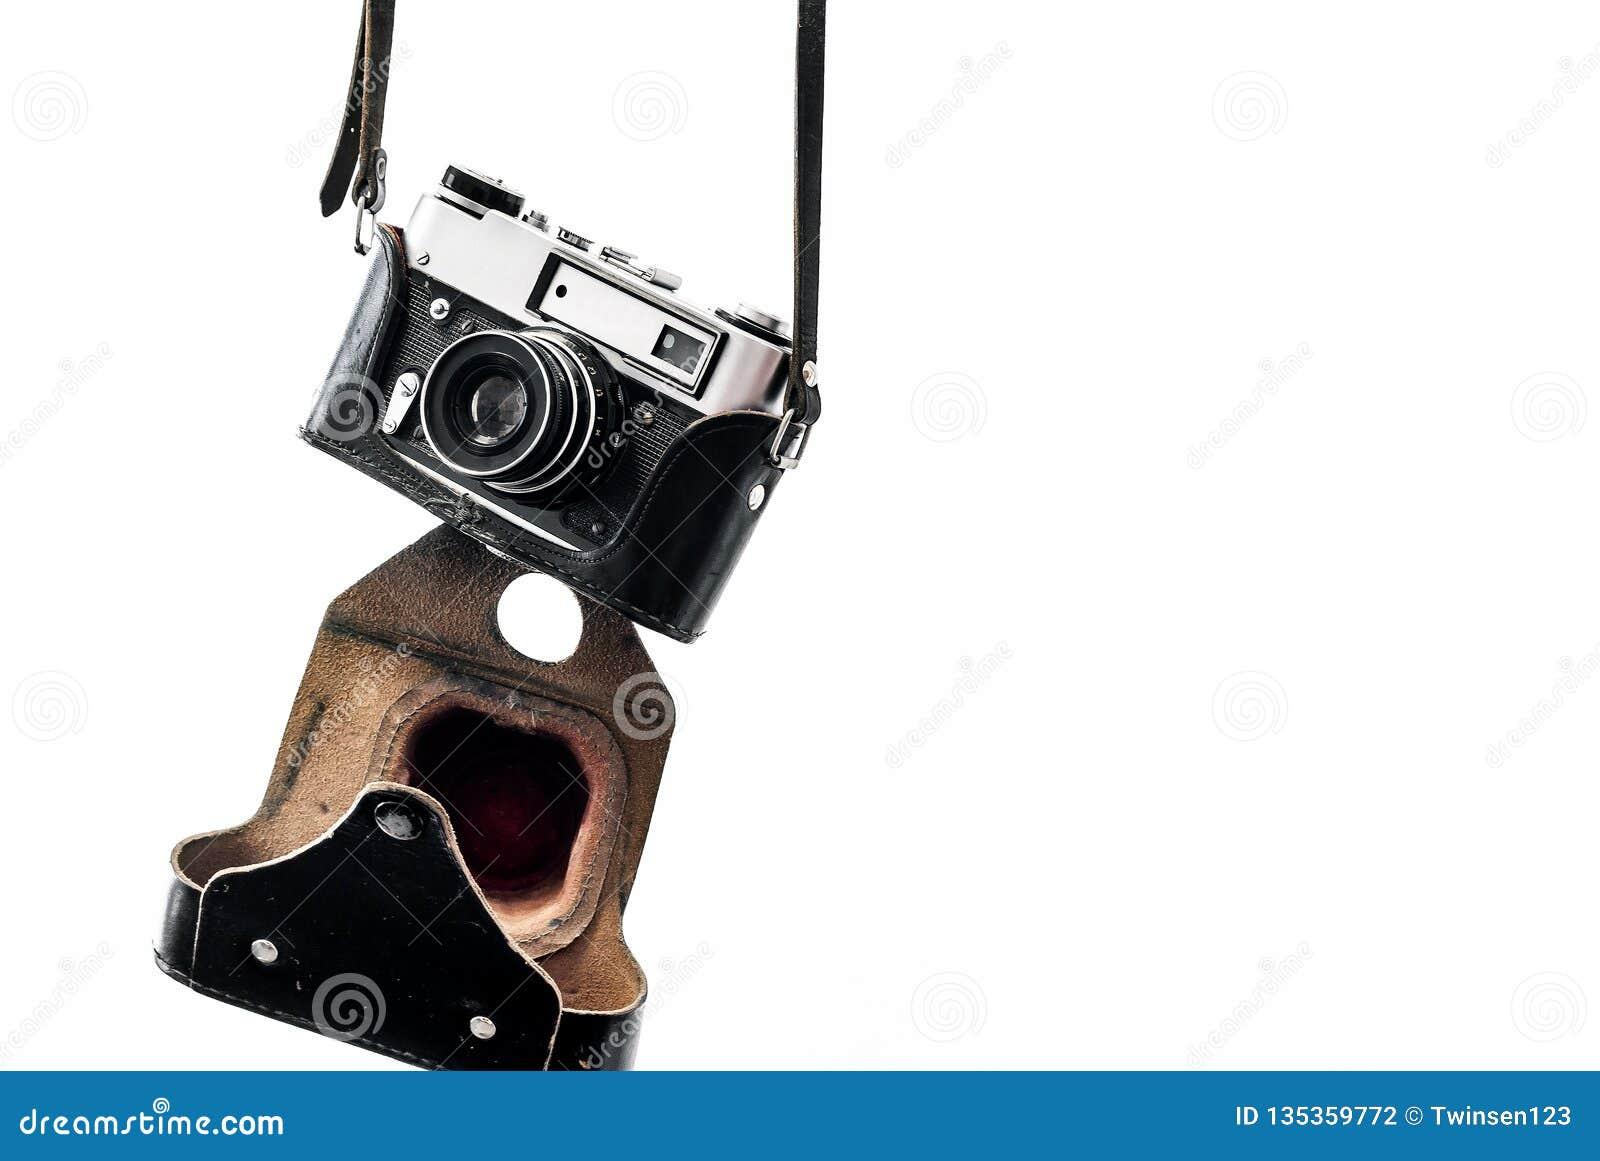 Винтажная камера фильма в кожаном случае вися на ремнях